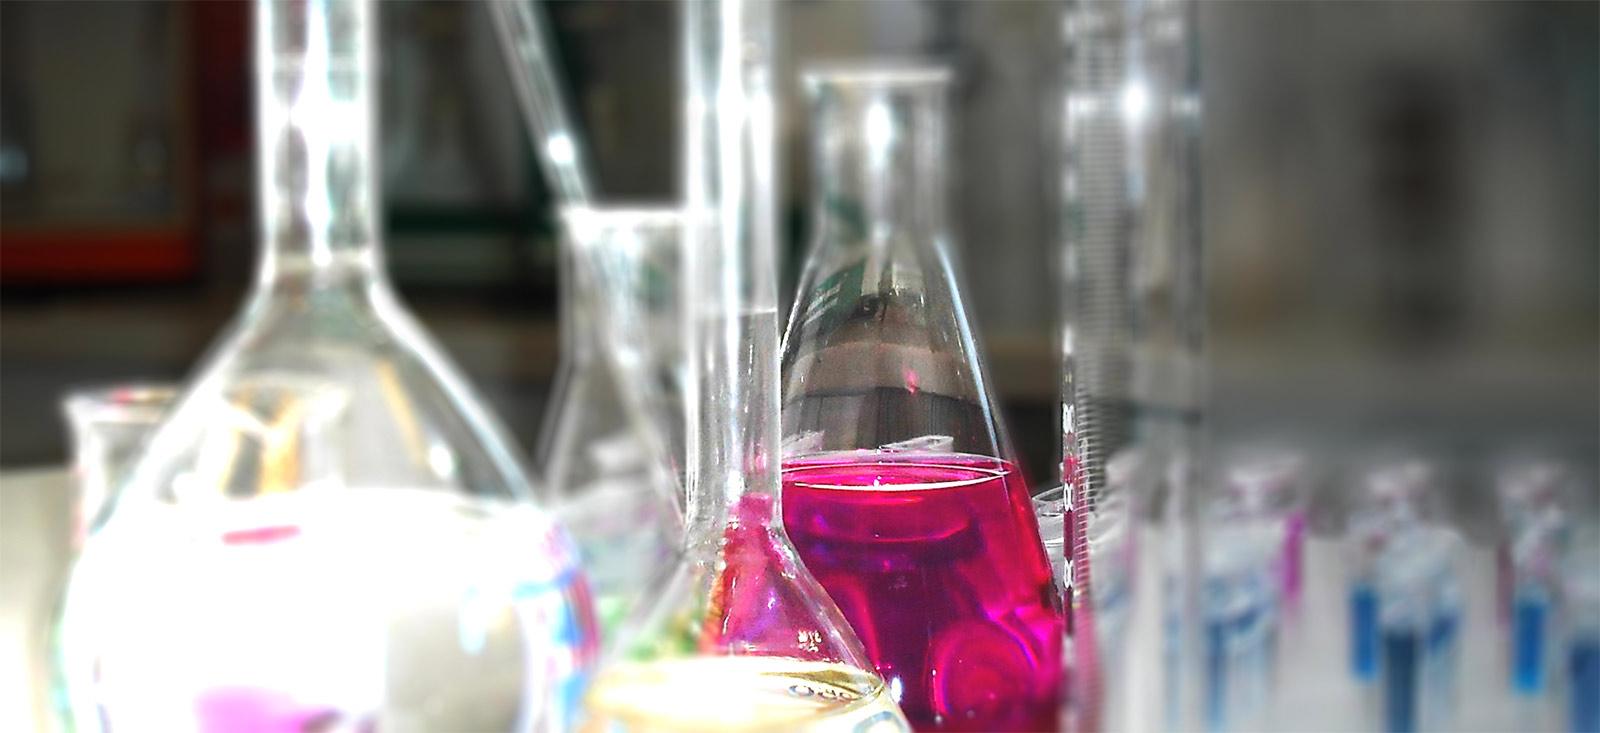 analyse-eau-morbihan-56